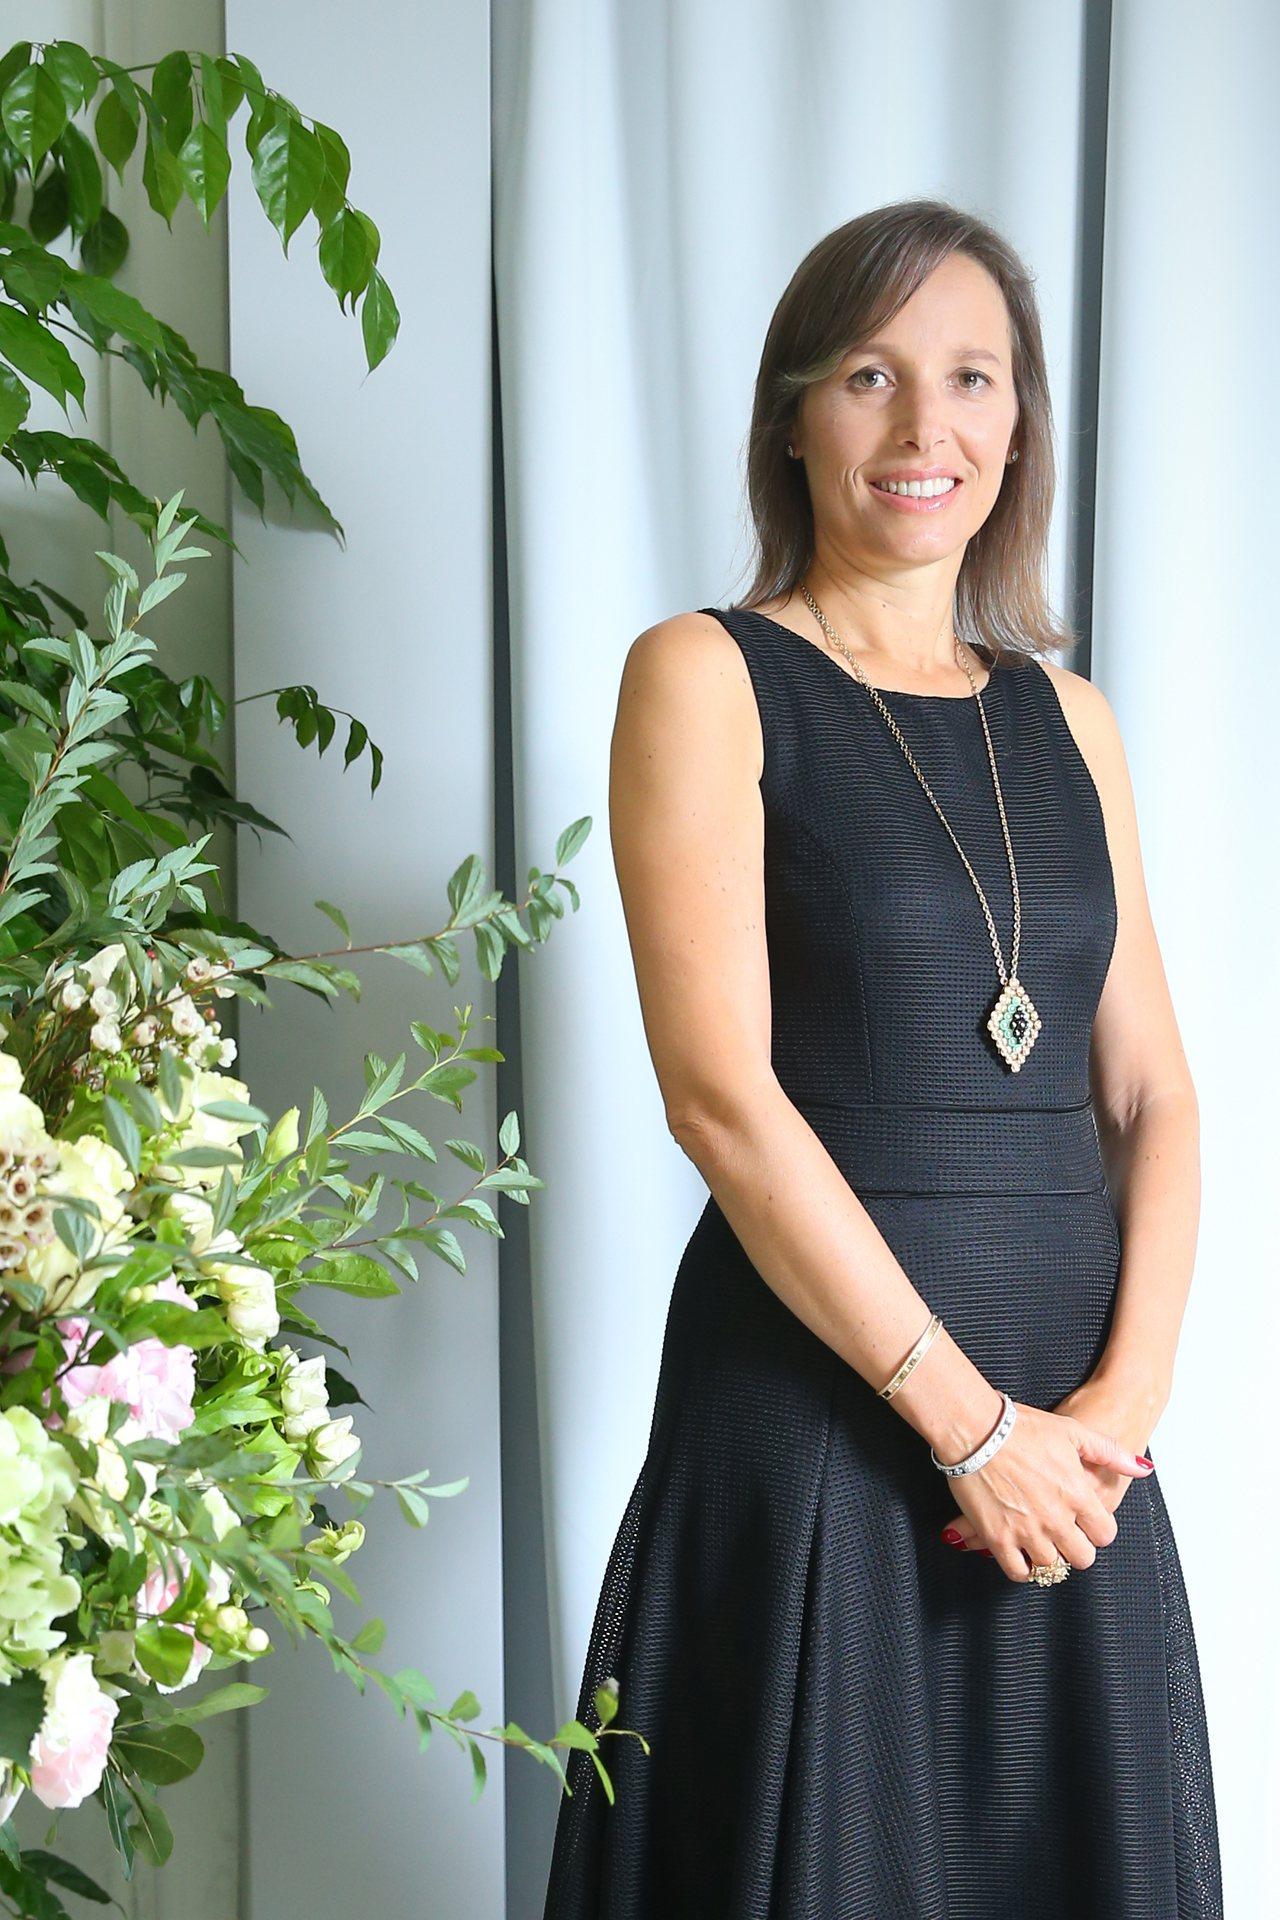 梵克雅寶亞太區總裁 Catherine Rénier接受專訪,暢談法國有的珠寶文化。 攝影/記者王騰毅